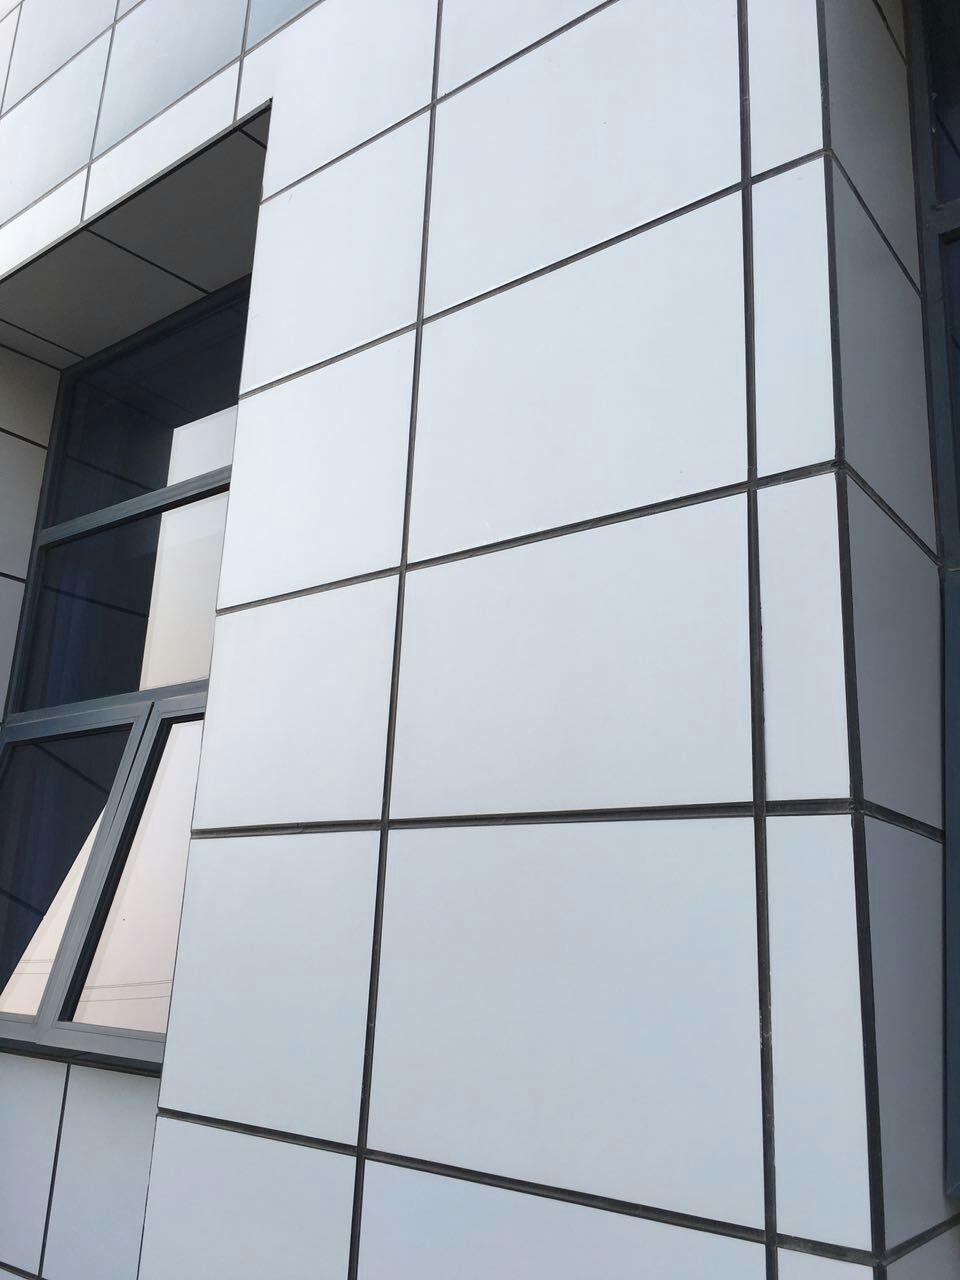 江苏省外墙保温装饰一体板推广证,安徽省外墙一体板推广证,岩棉,真石漆,氟碳漆,石墨聚苯板保温